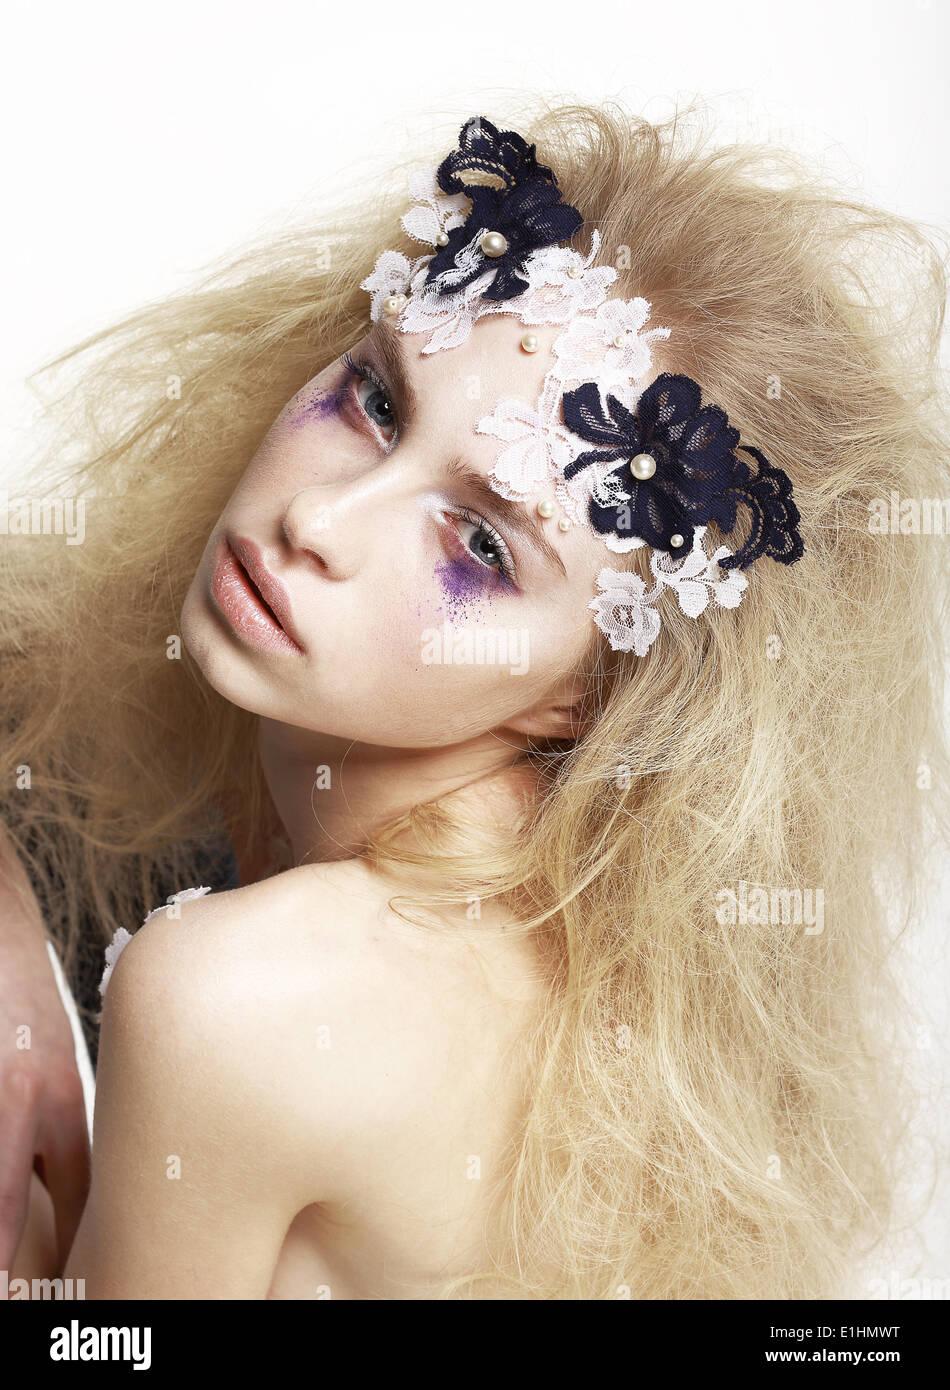 Emotionale kaukasischen Frau mit hellen futuristische Maske und Make-up. Kreative Faceart Stockbild